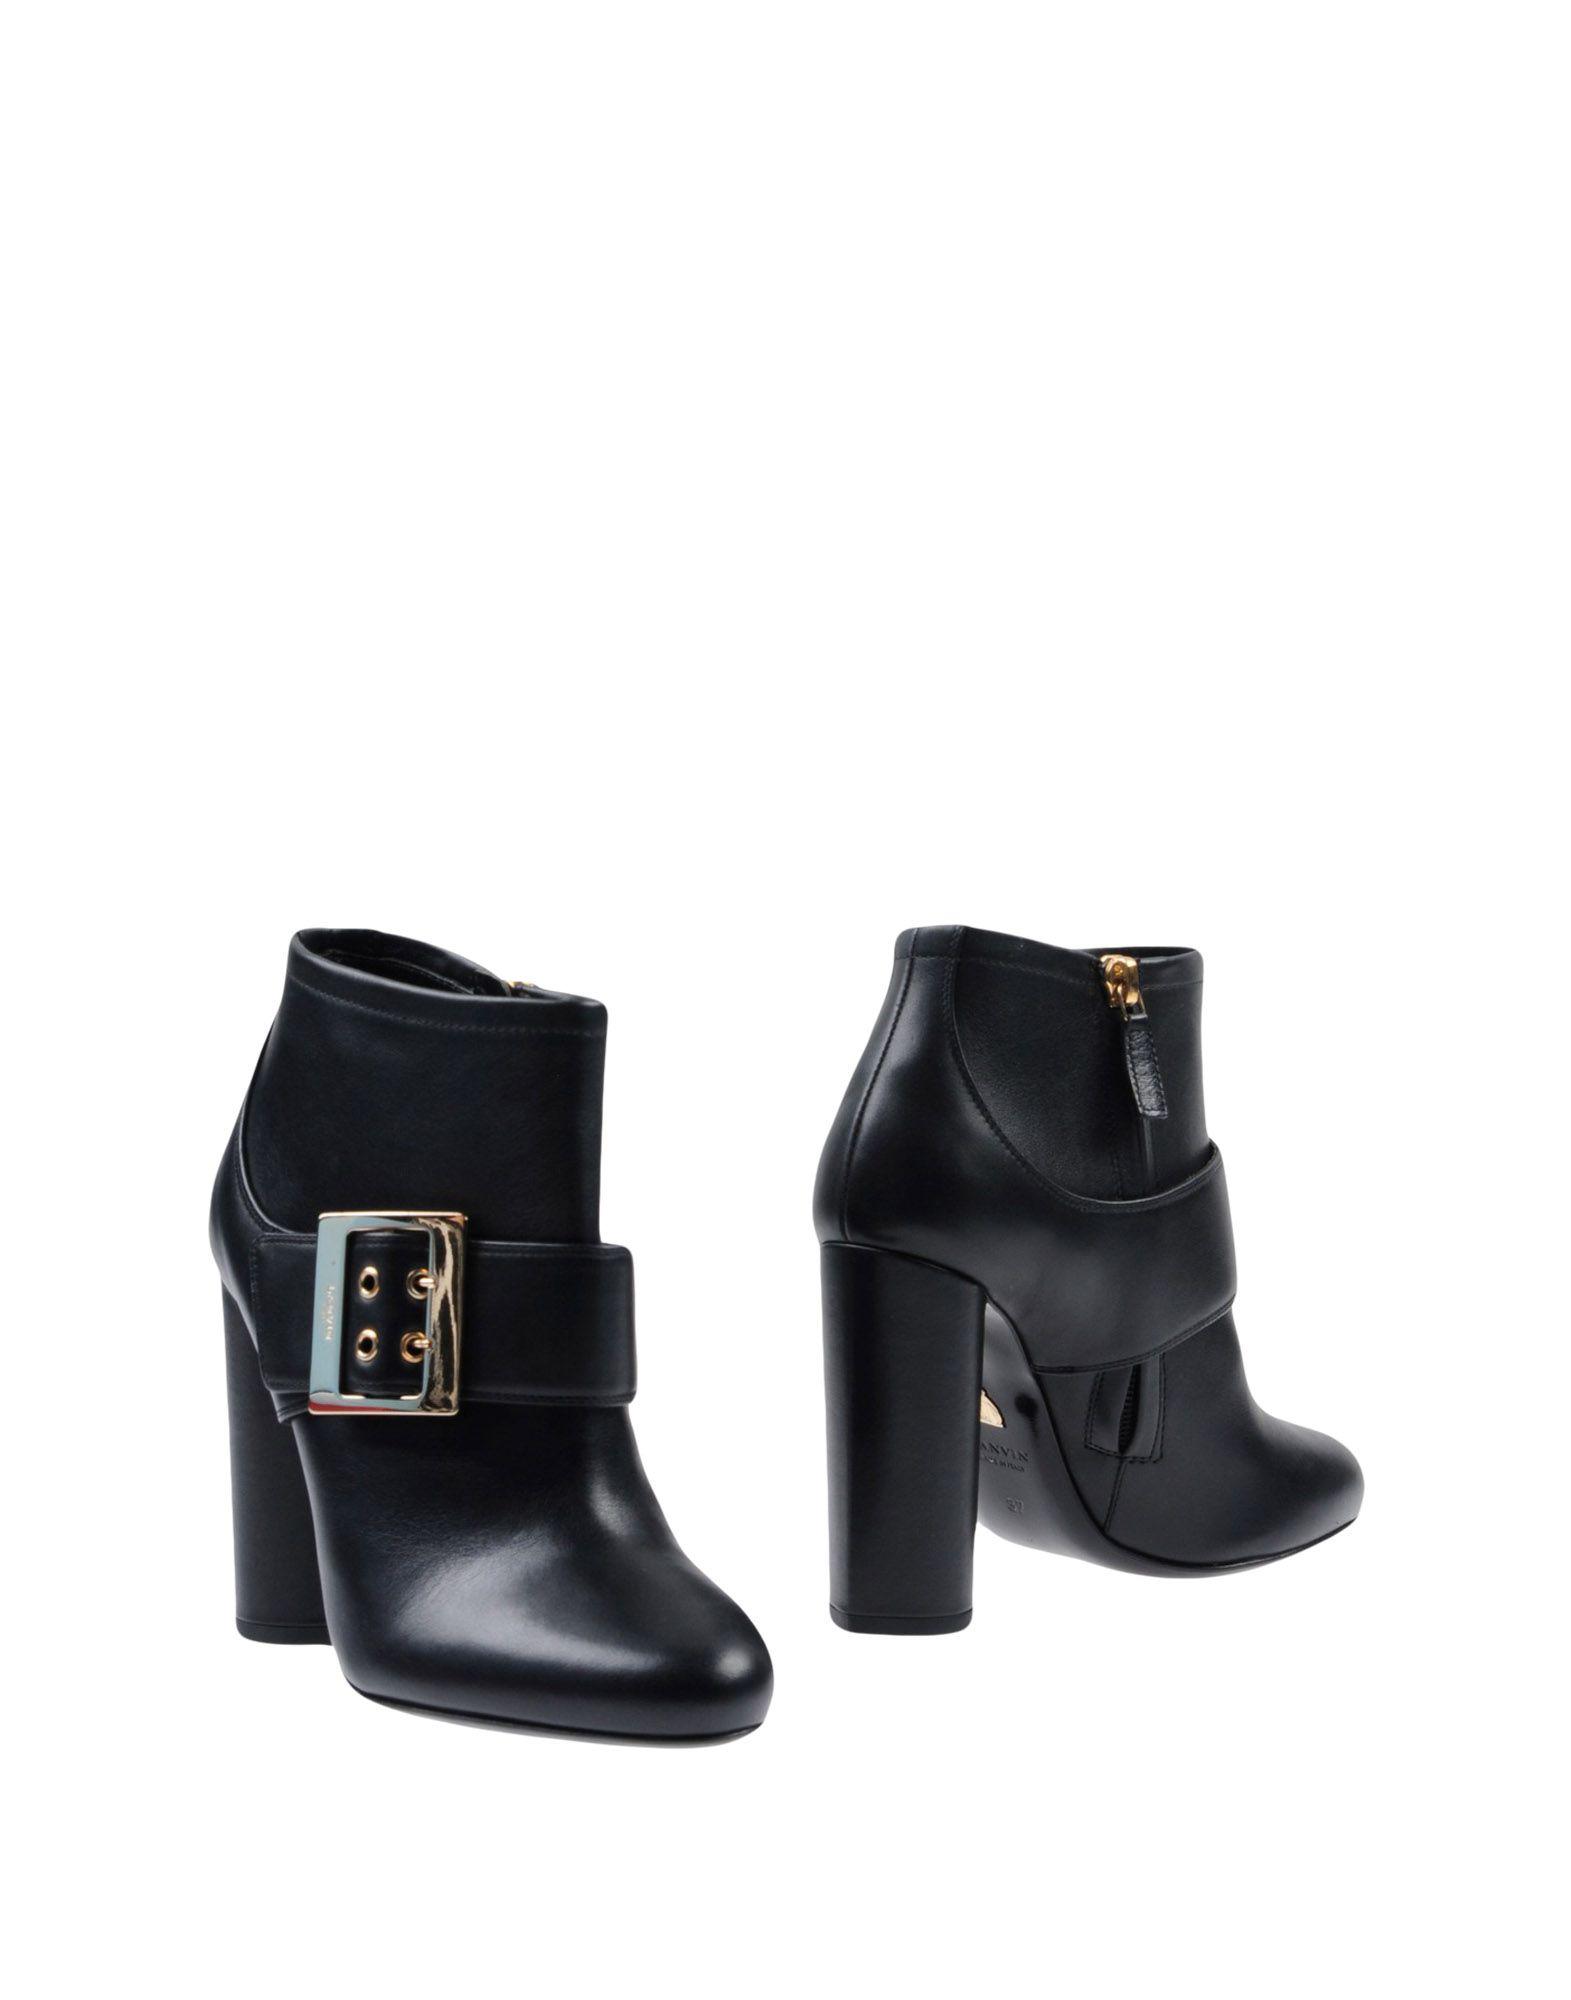 Lanvin Stiefelette Damen  11433636KFGut aussehende strapazierfähige Schuhe